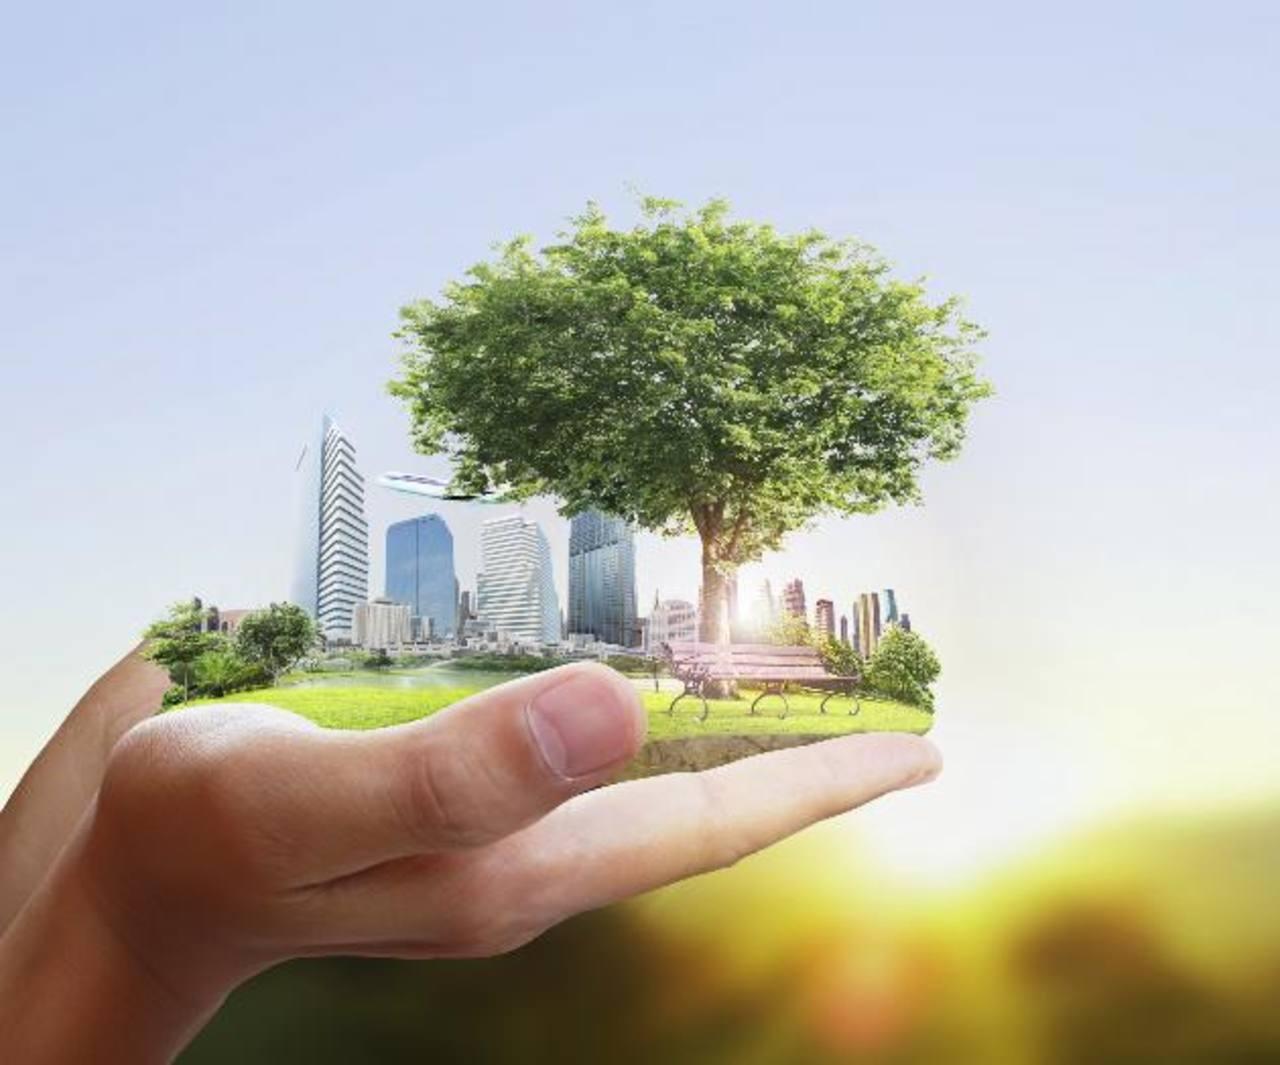 Las 15 ciudades más verdes del mundo